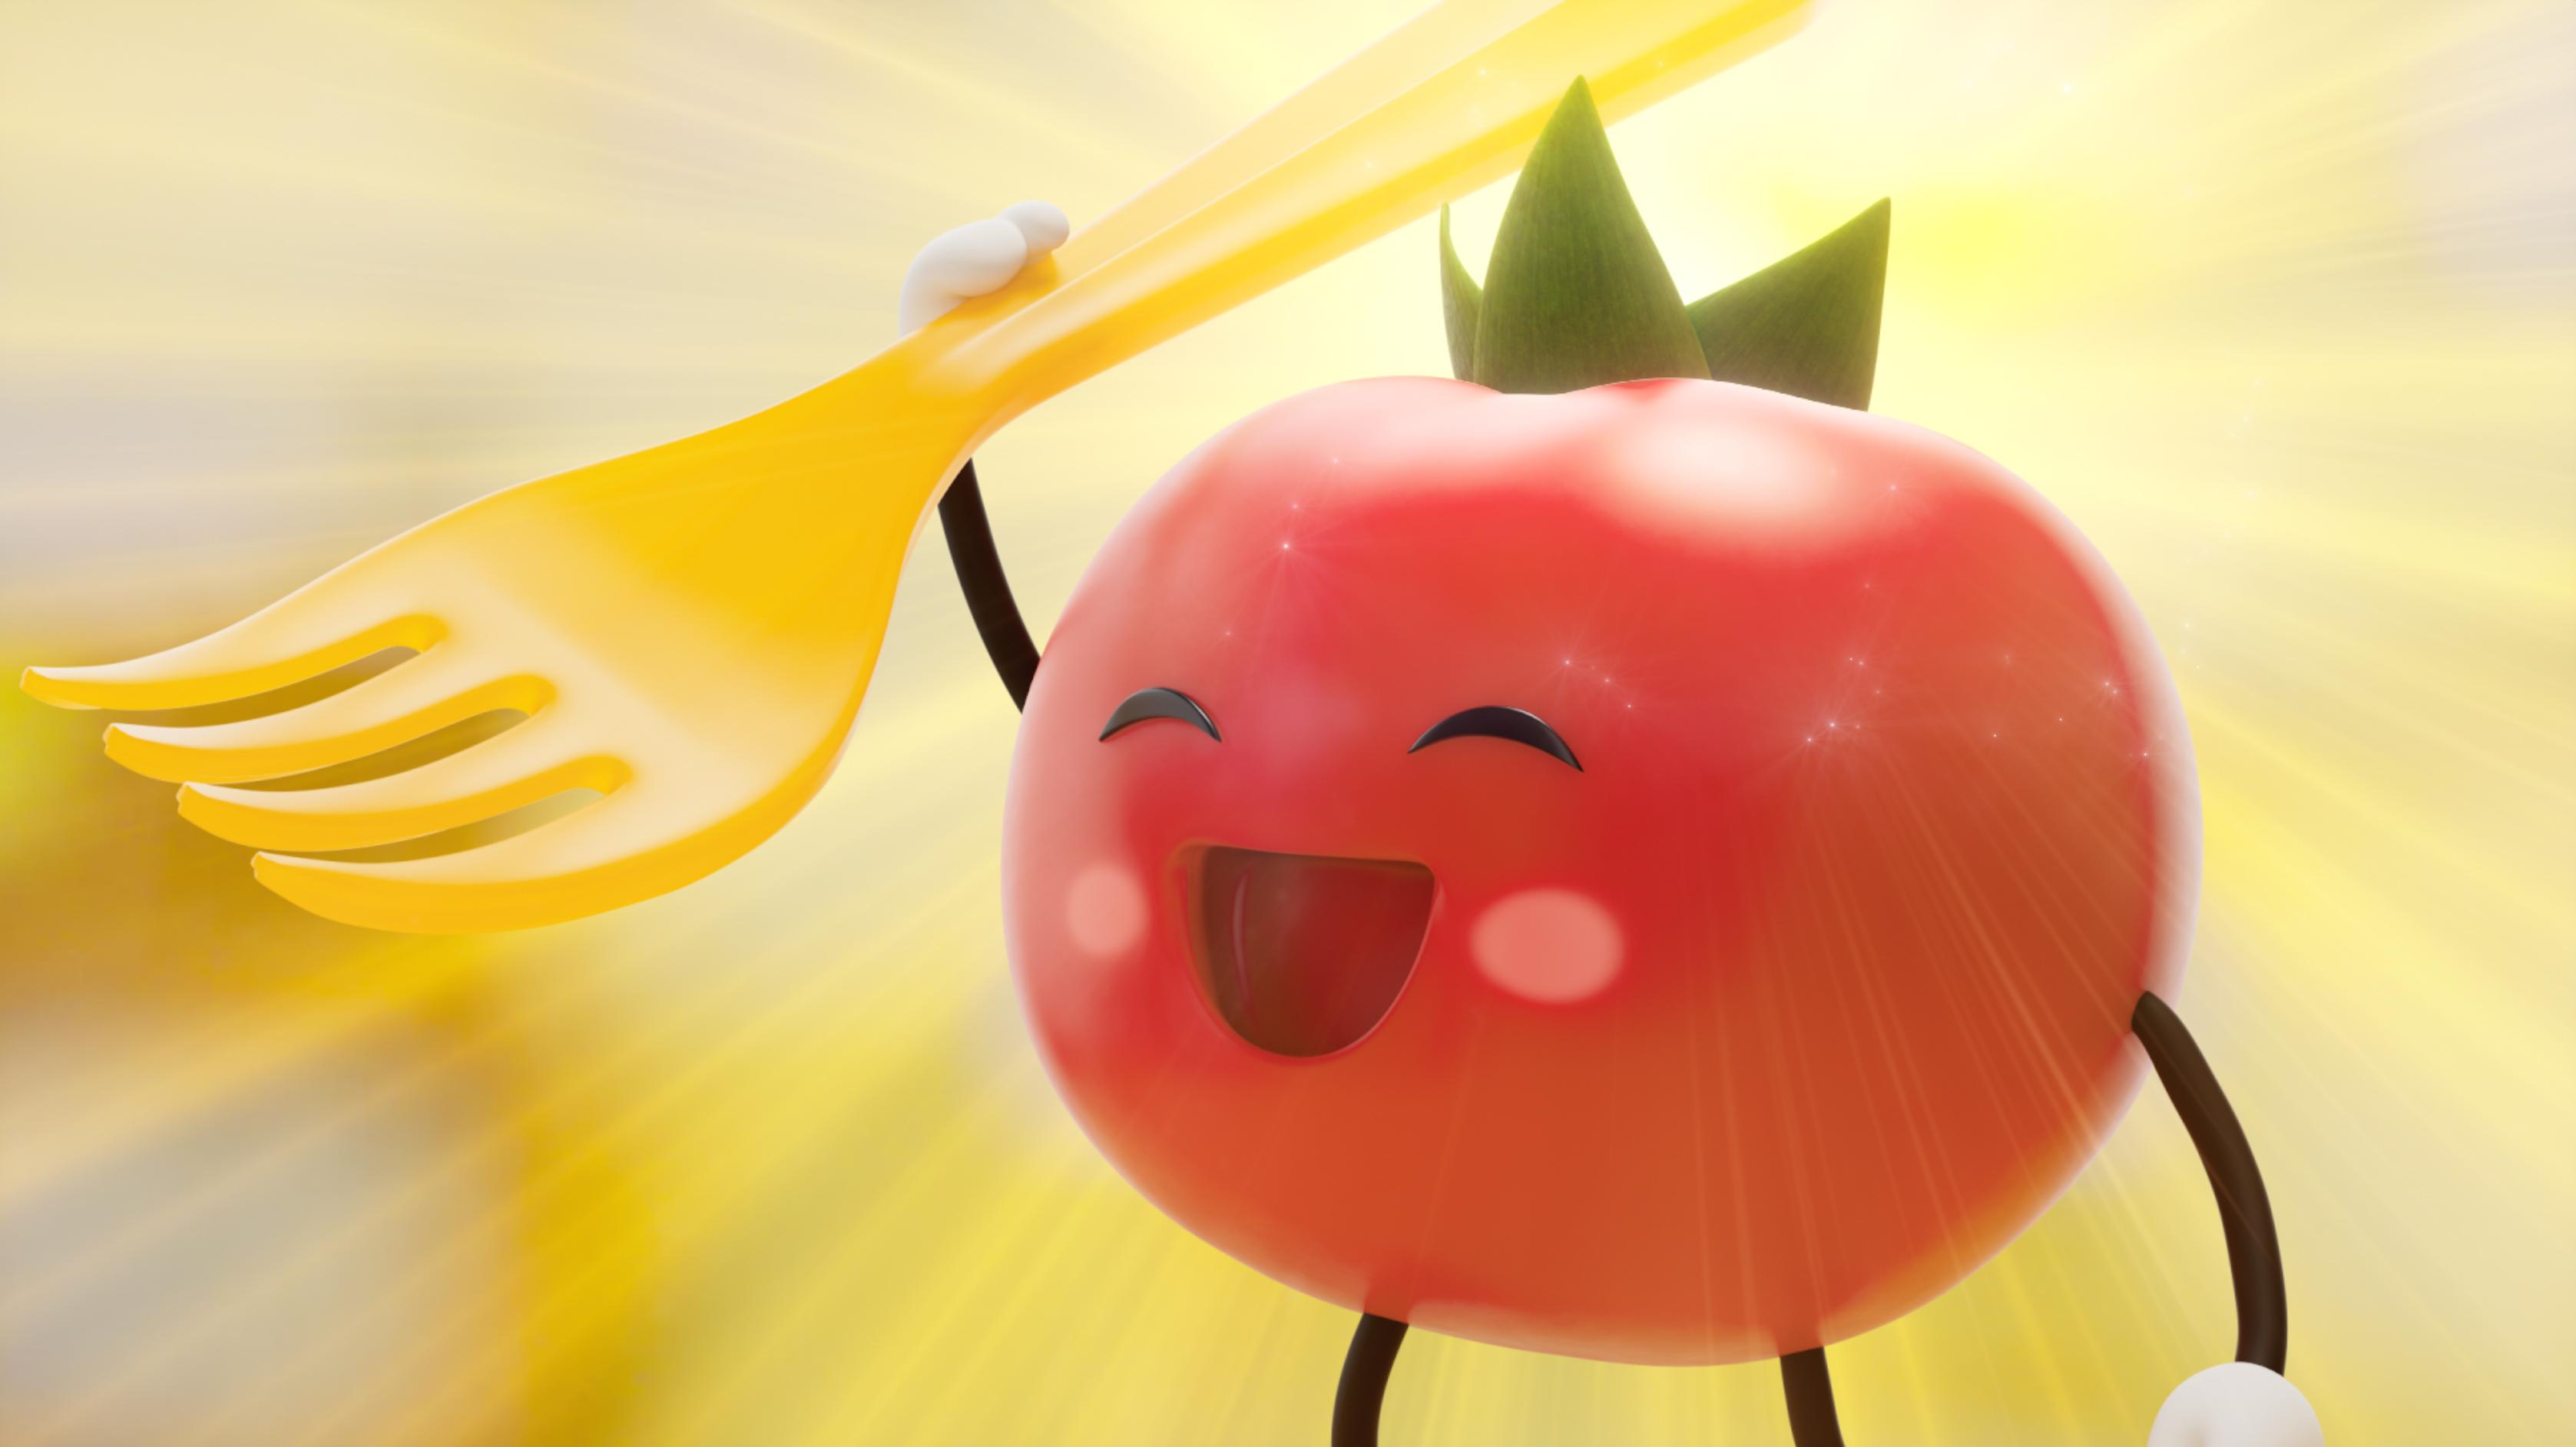 Tomato King_5